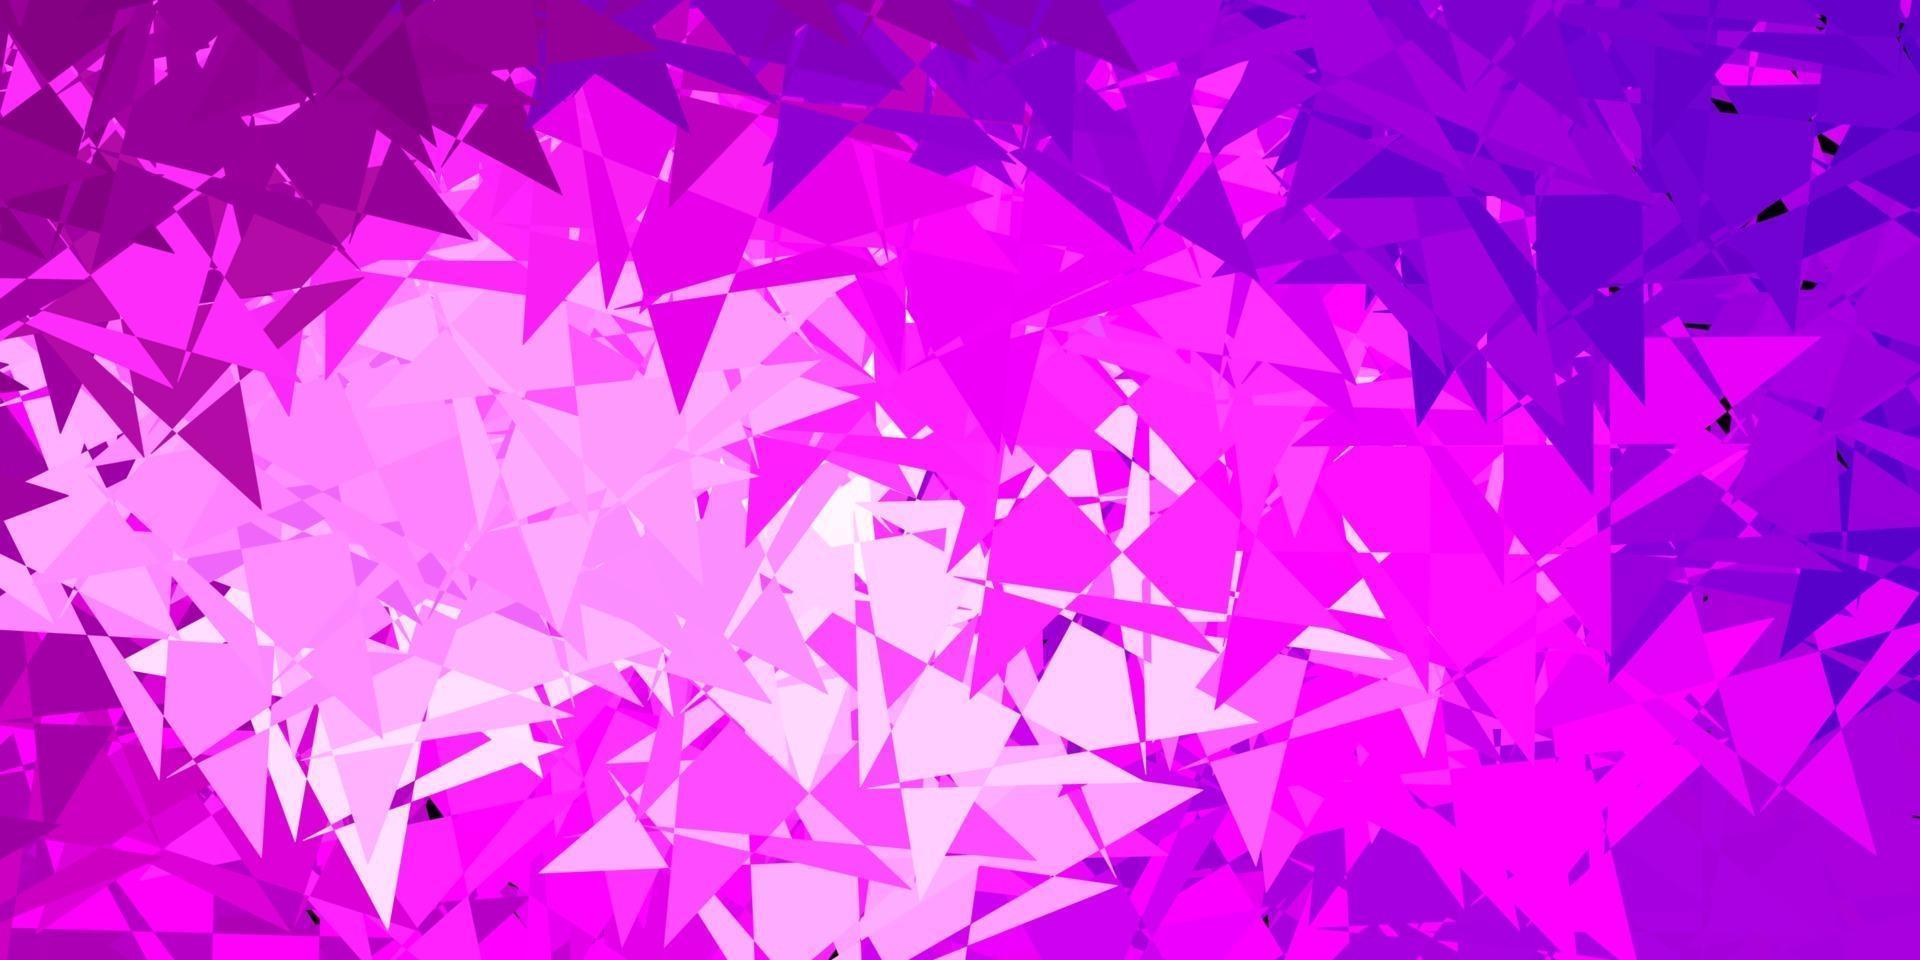 modello vettoriale viola chiaro, rosa con forme poligonali.